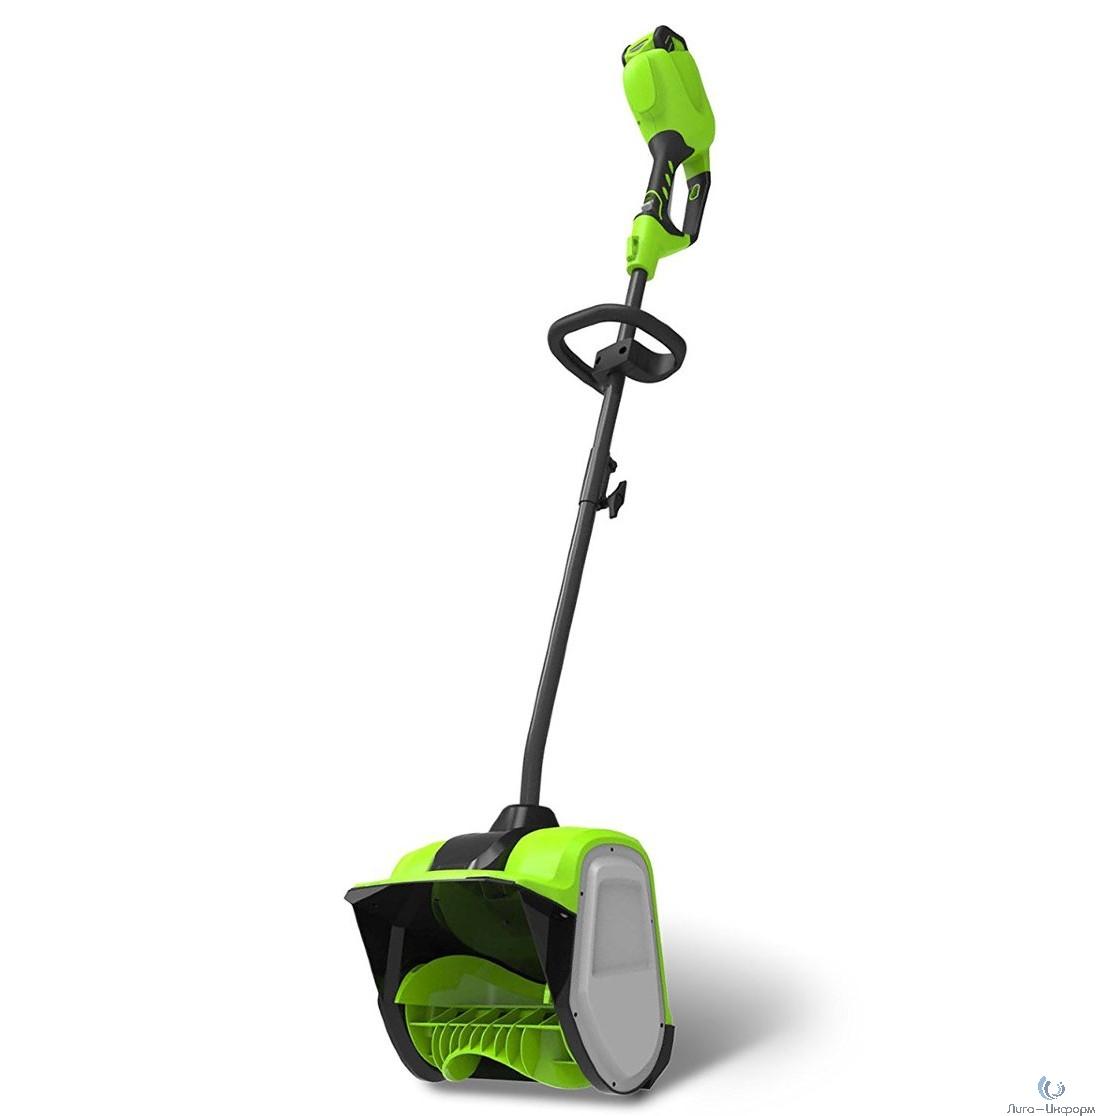 Greenworks Снегоуборщик аккумуляторный GD40SSK4, {40V, 30 см, бесщеточный, с 1хАКБ 4 А.ч и ЗУ} [2600807UB]